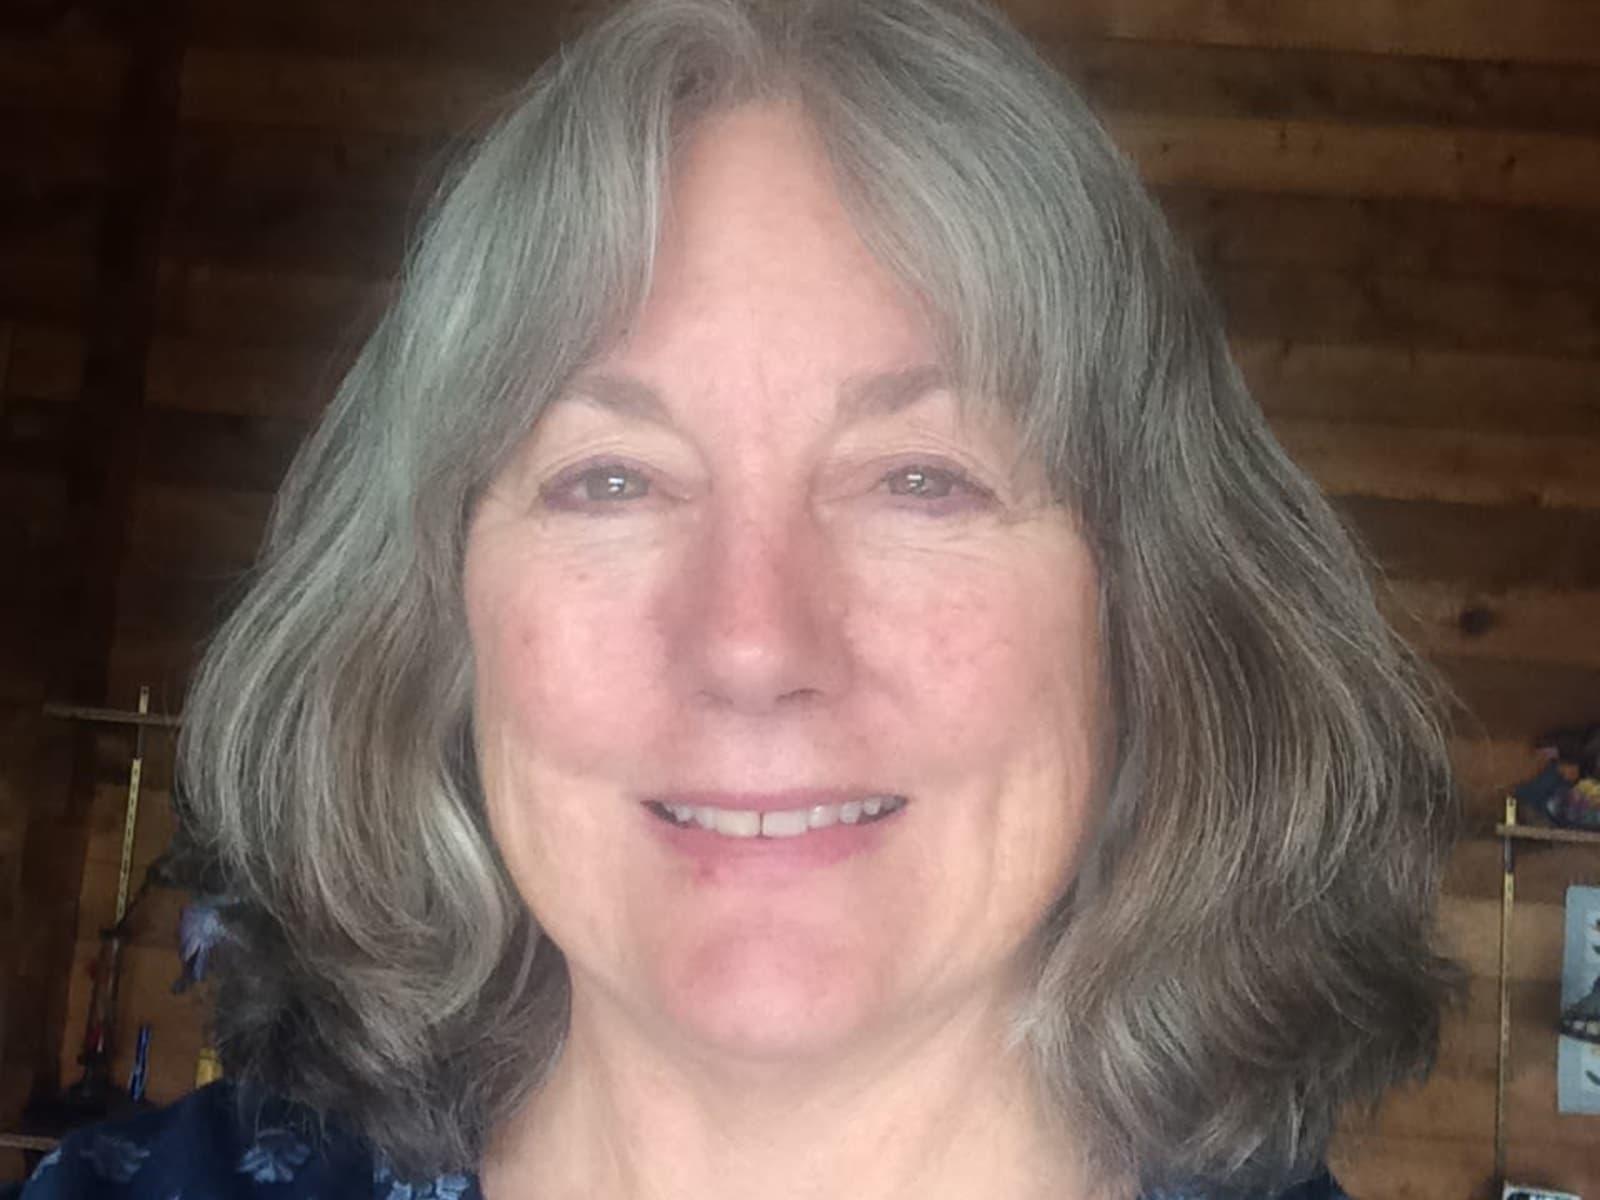 Debbie from Eagle River, Alaska, United States